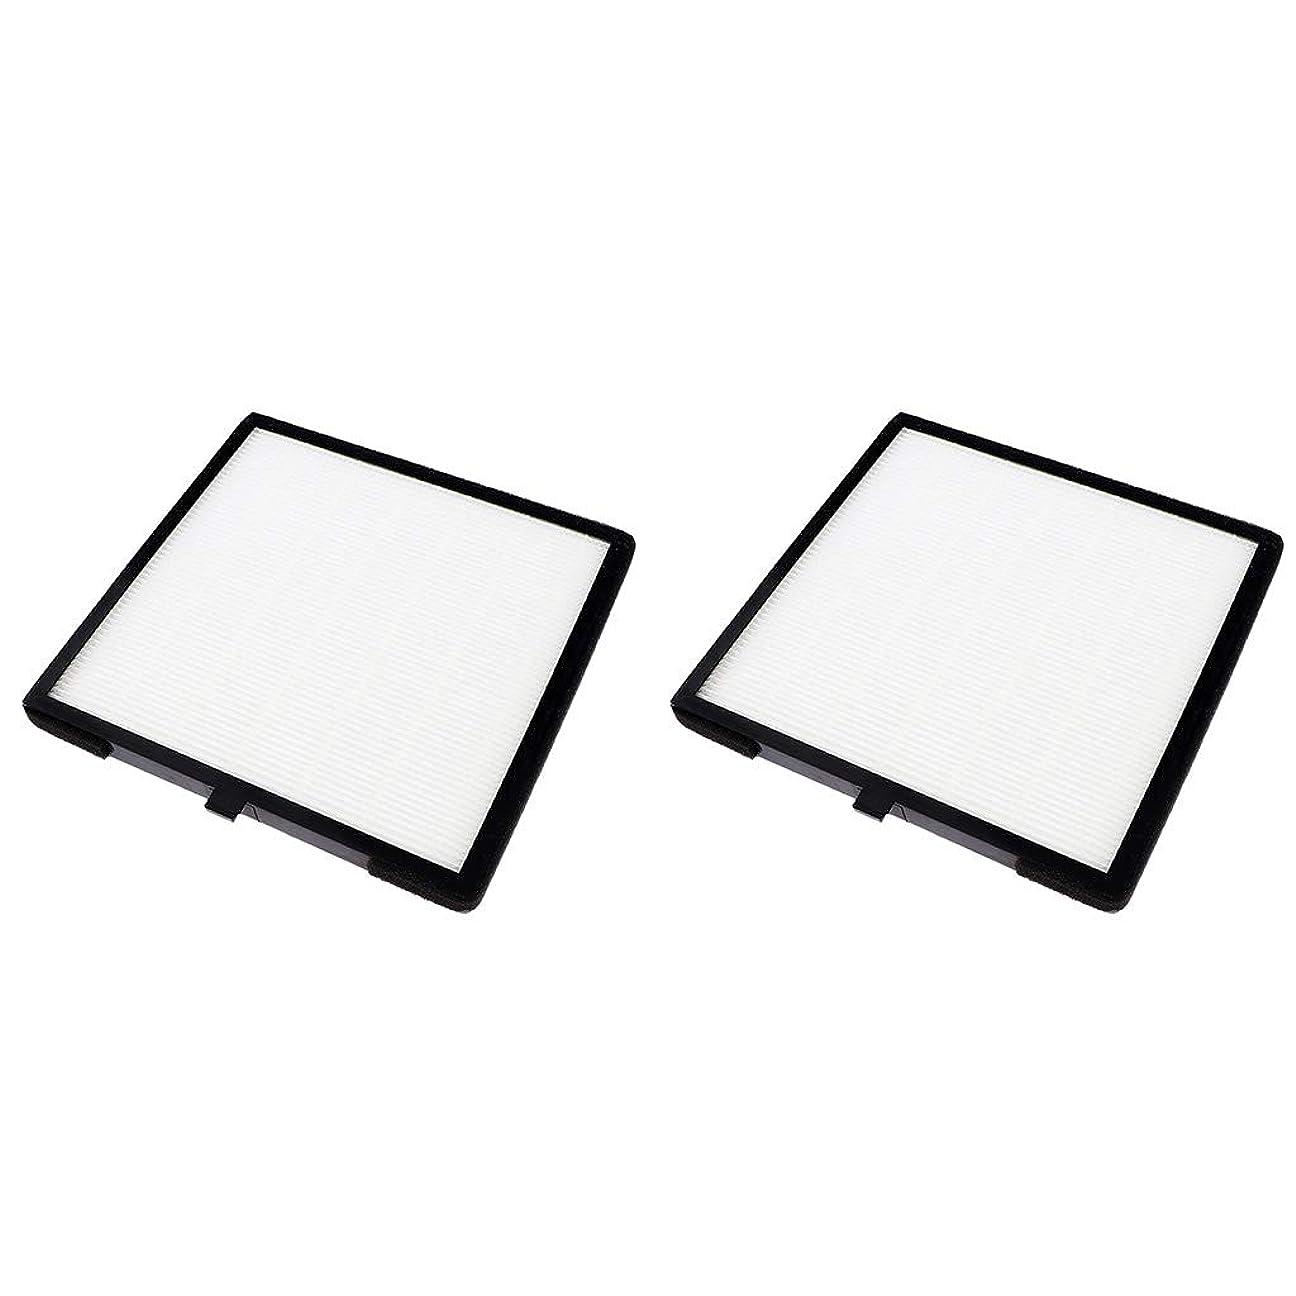 考え製造自体2個入り ネイルダスト 集塵機 ネイルダスト吸引 ダストコレクター40W交換用フィルター お手入れ簡単